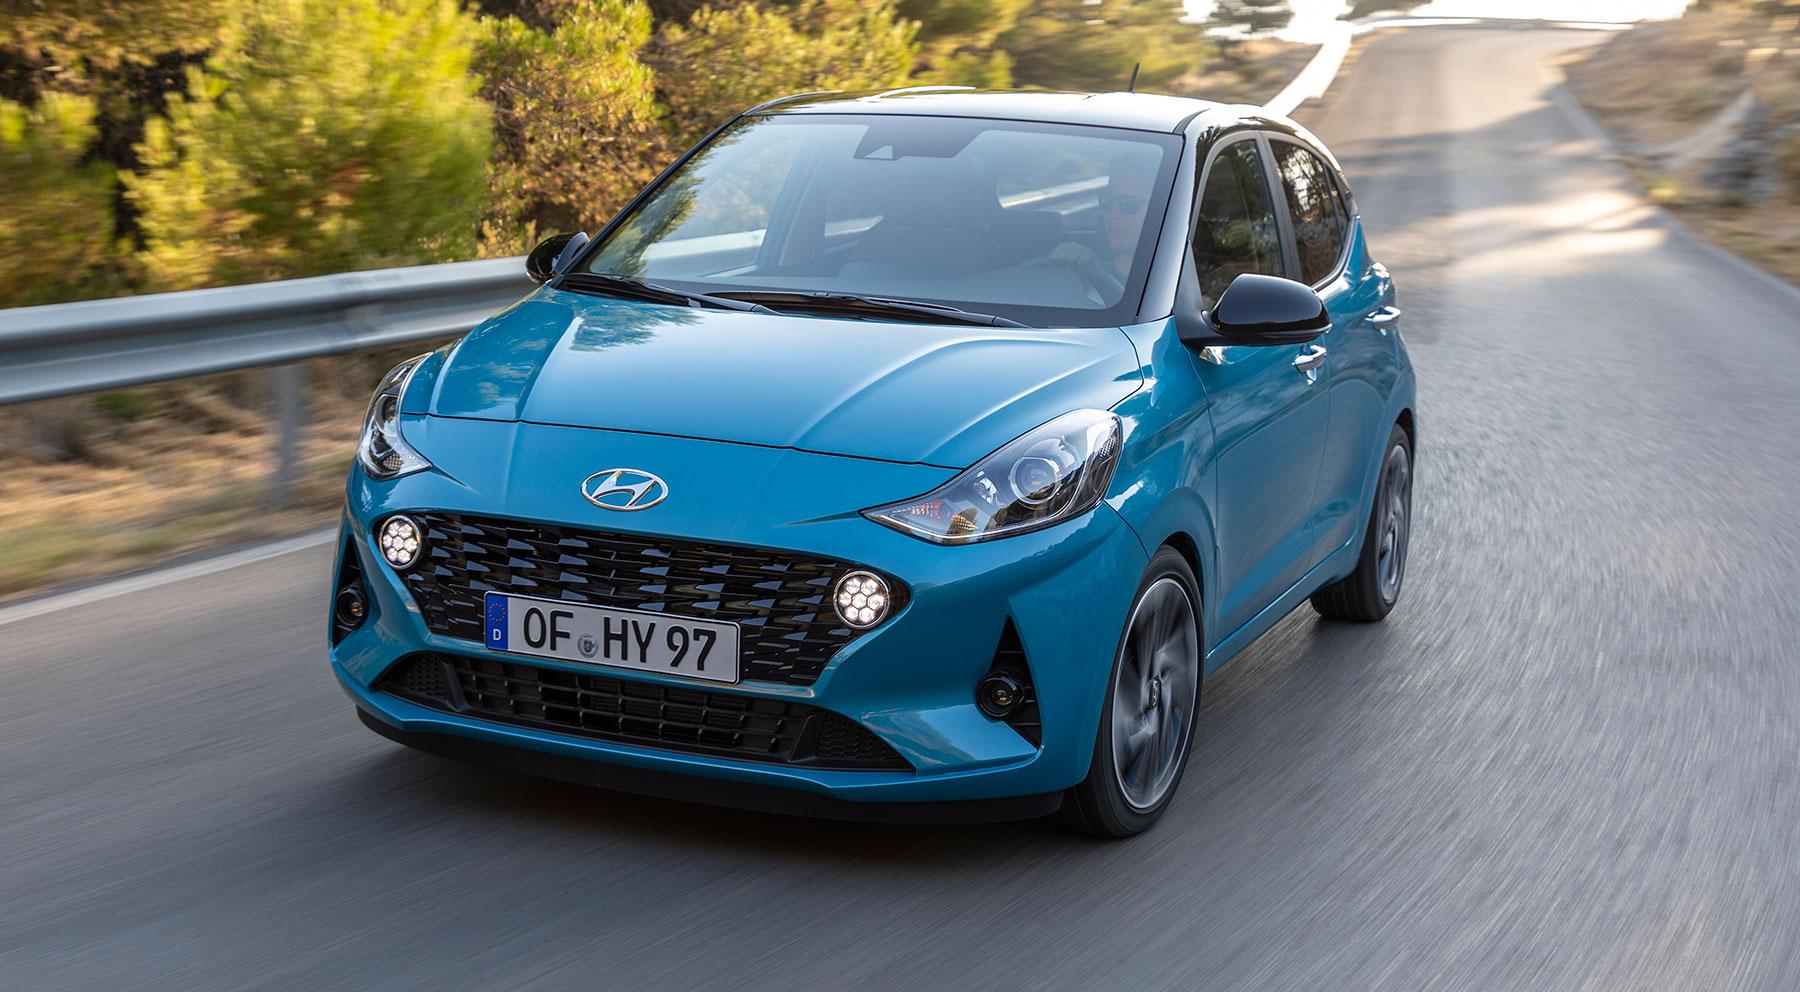 El exterior y el interior del nuevo Hyundai i10